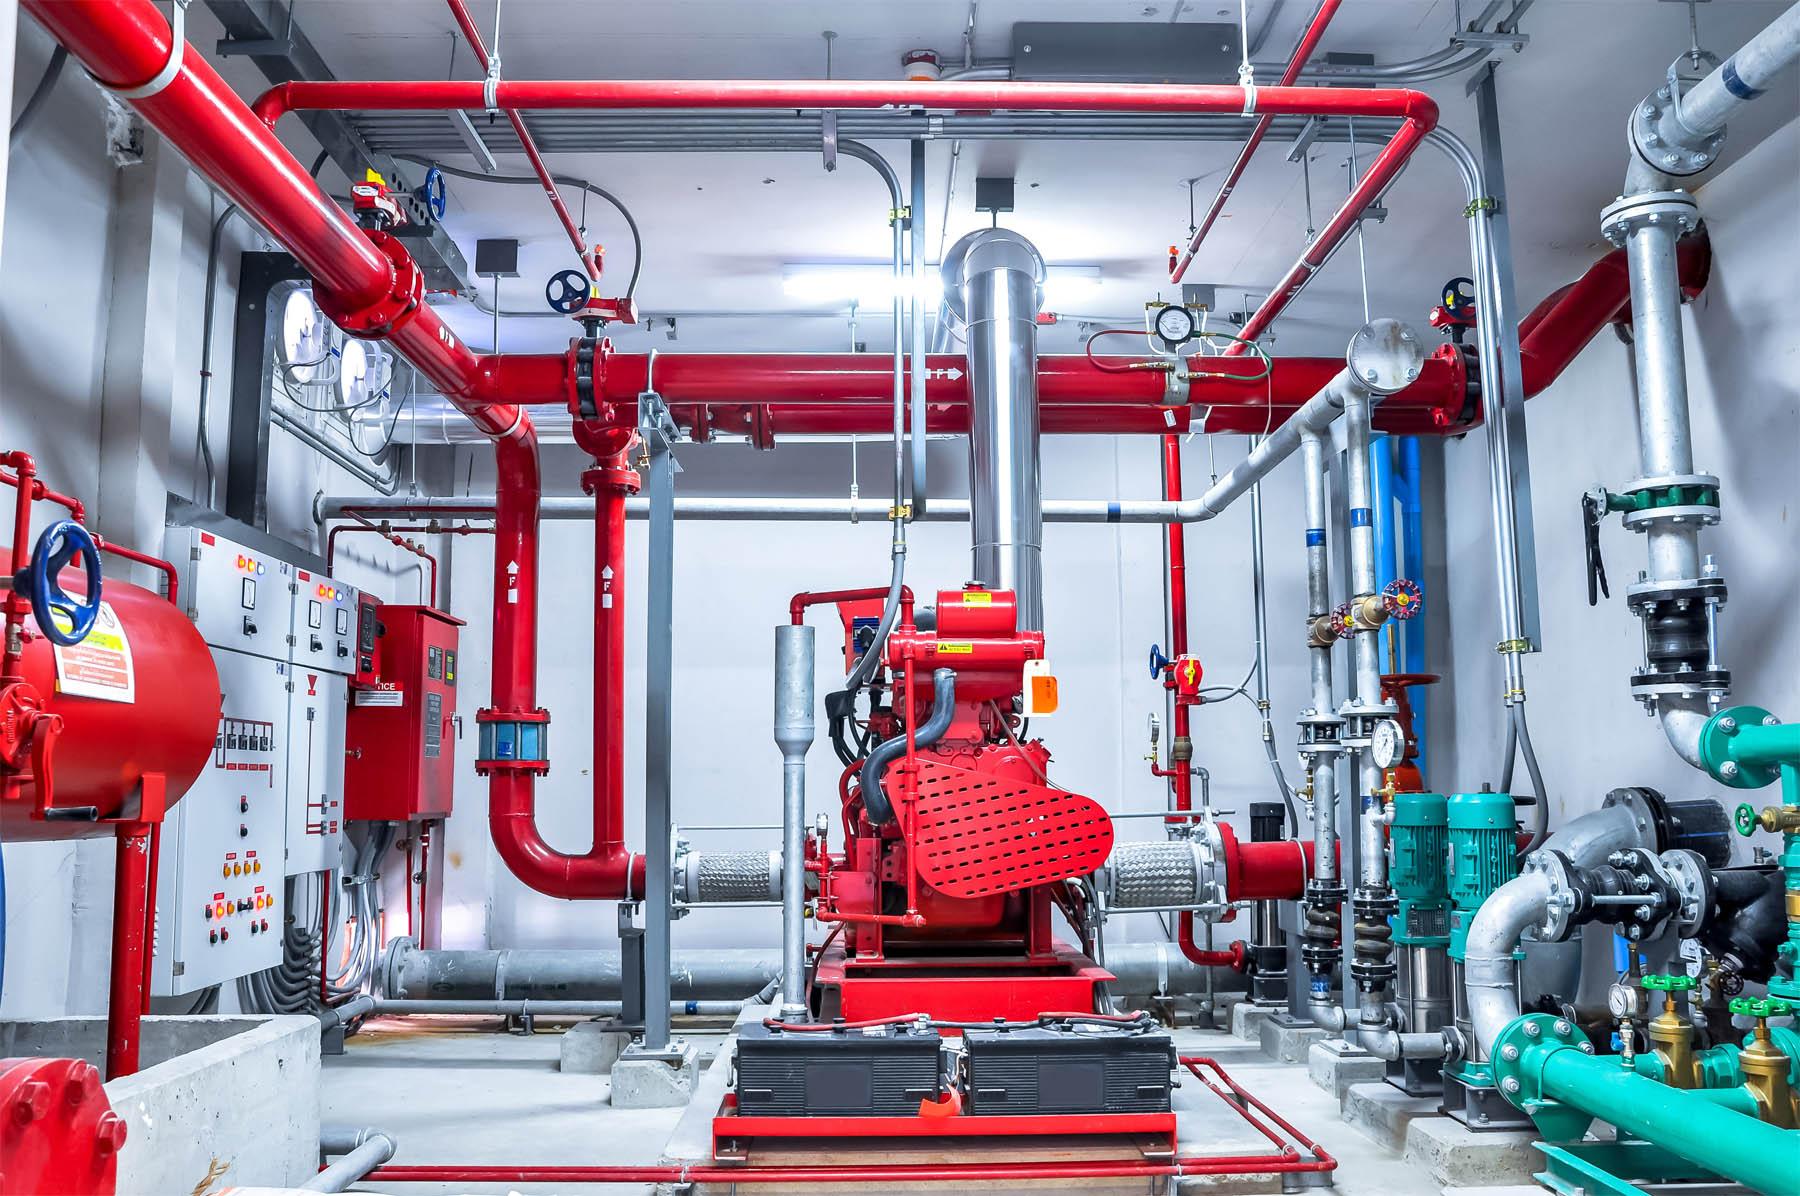 Hệ thống phòng cháy chữa cháy. Hình ảnh minh họa